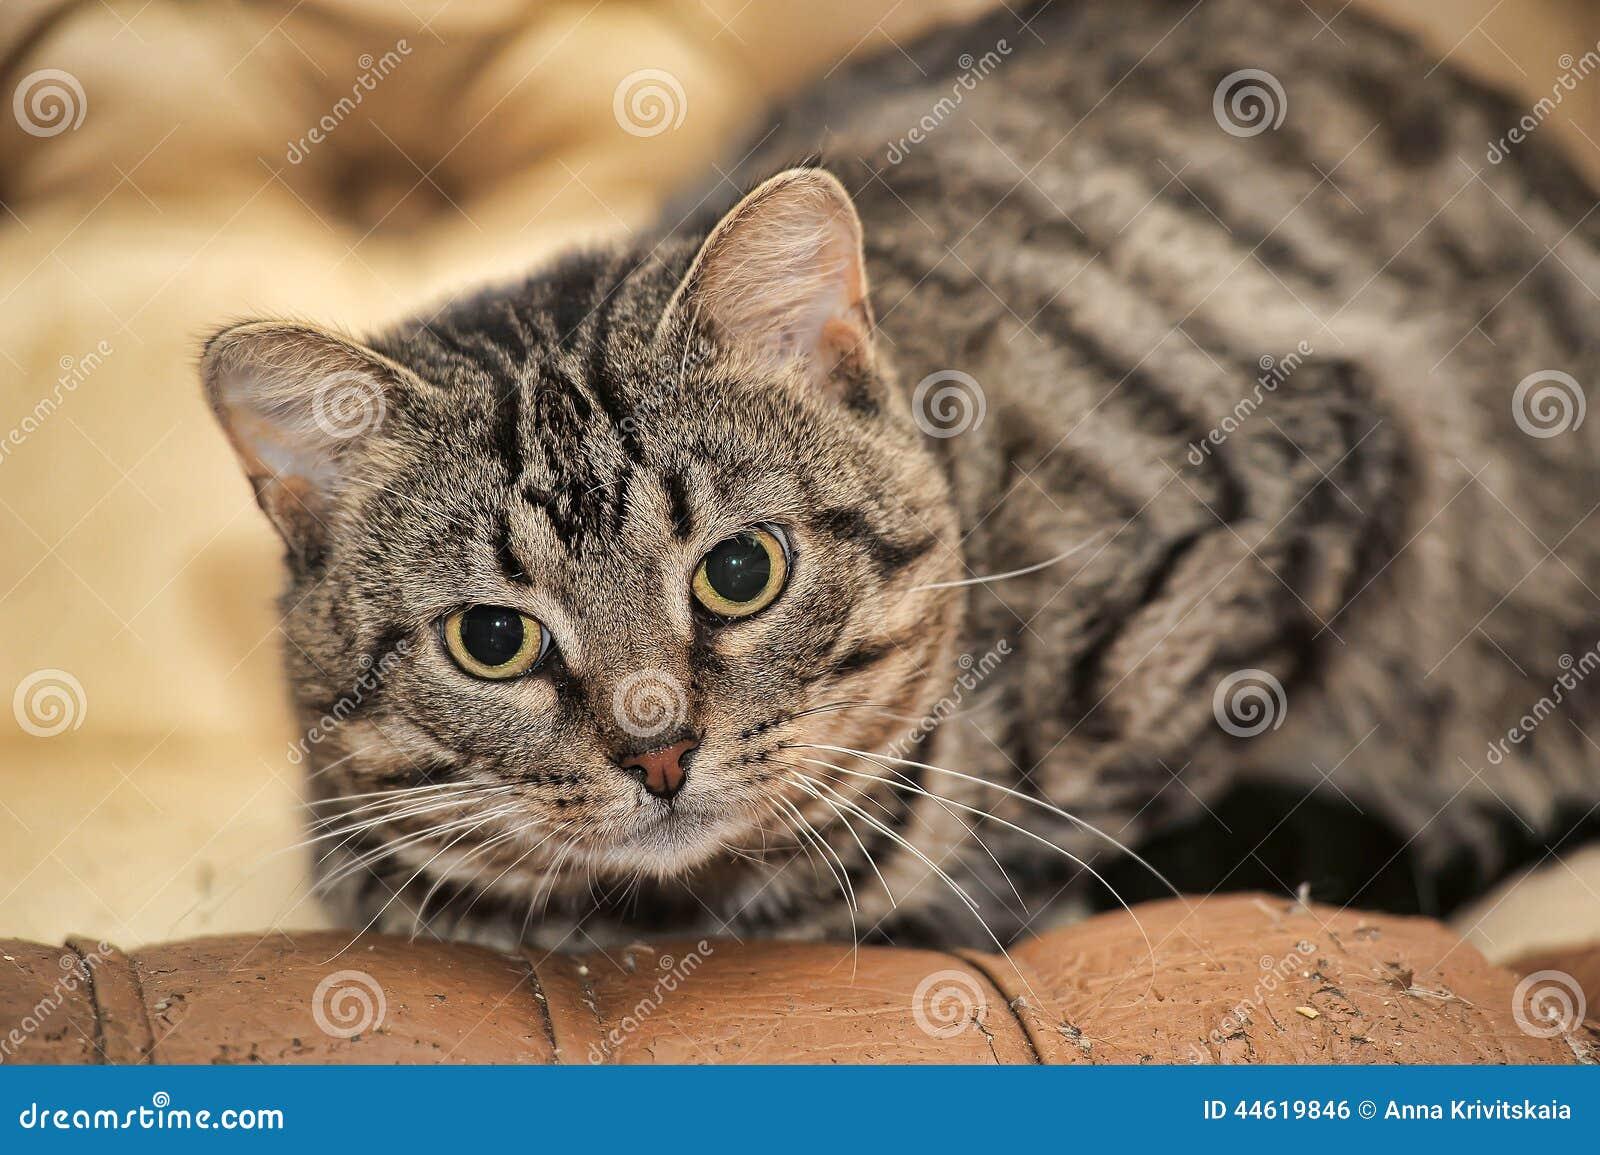 Cute Tabby Cat Stock Photo - Image: 44619846